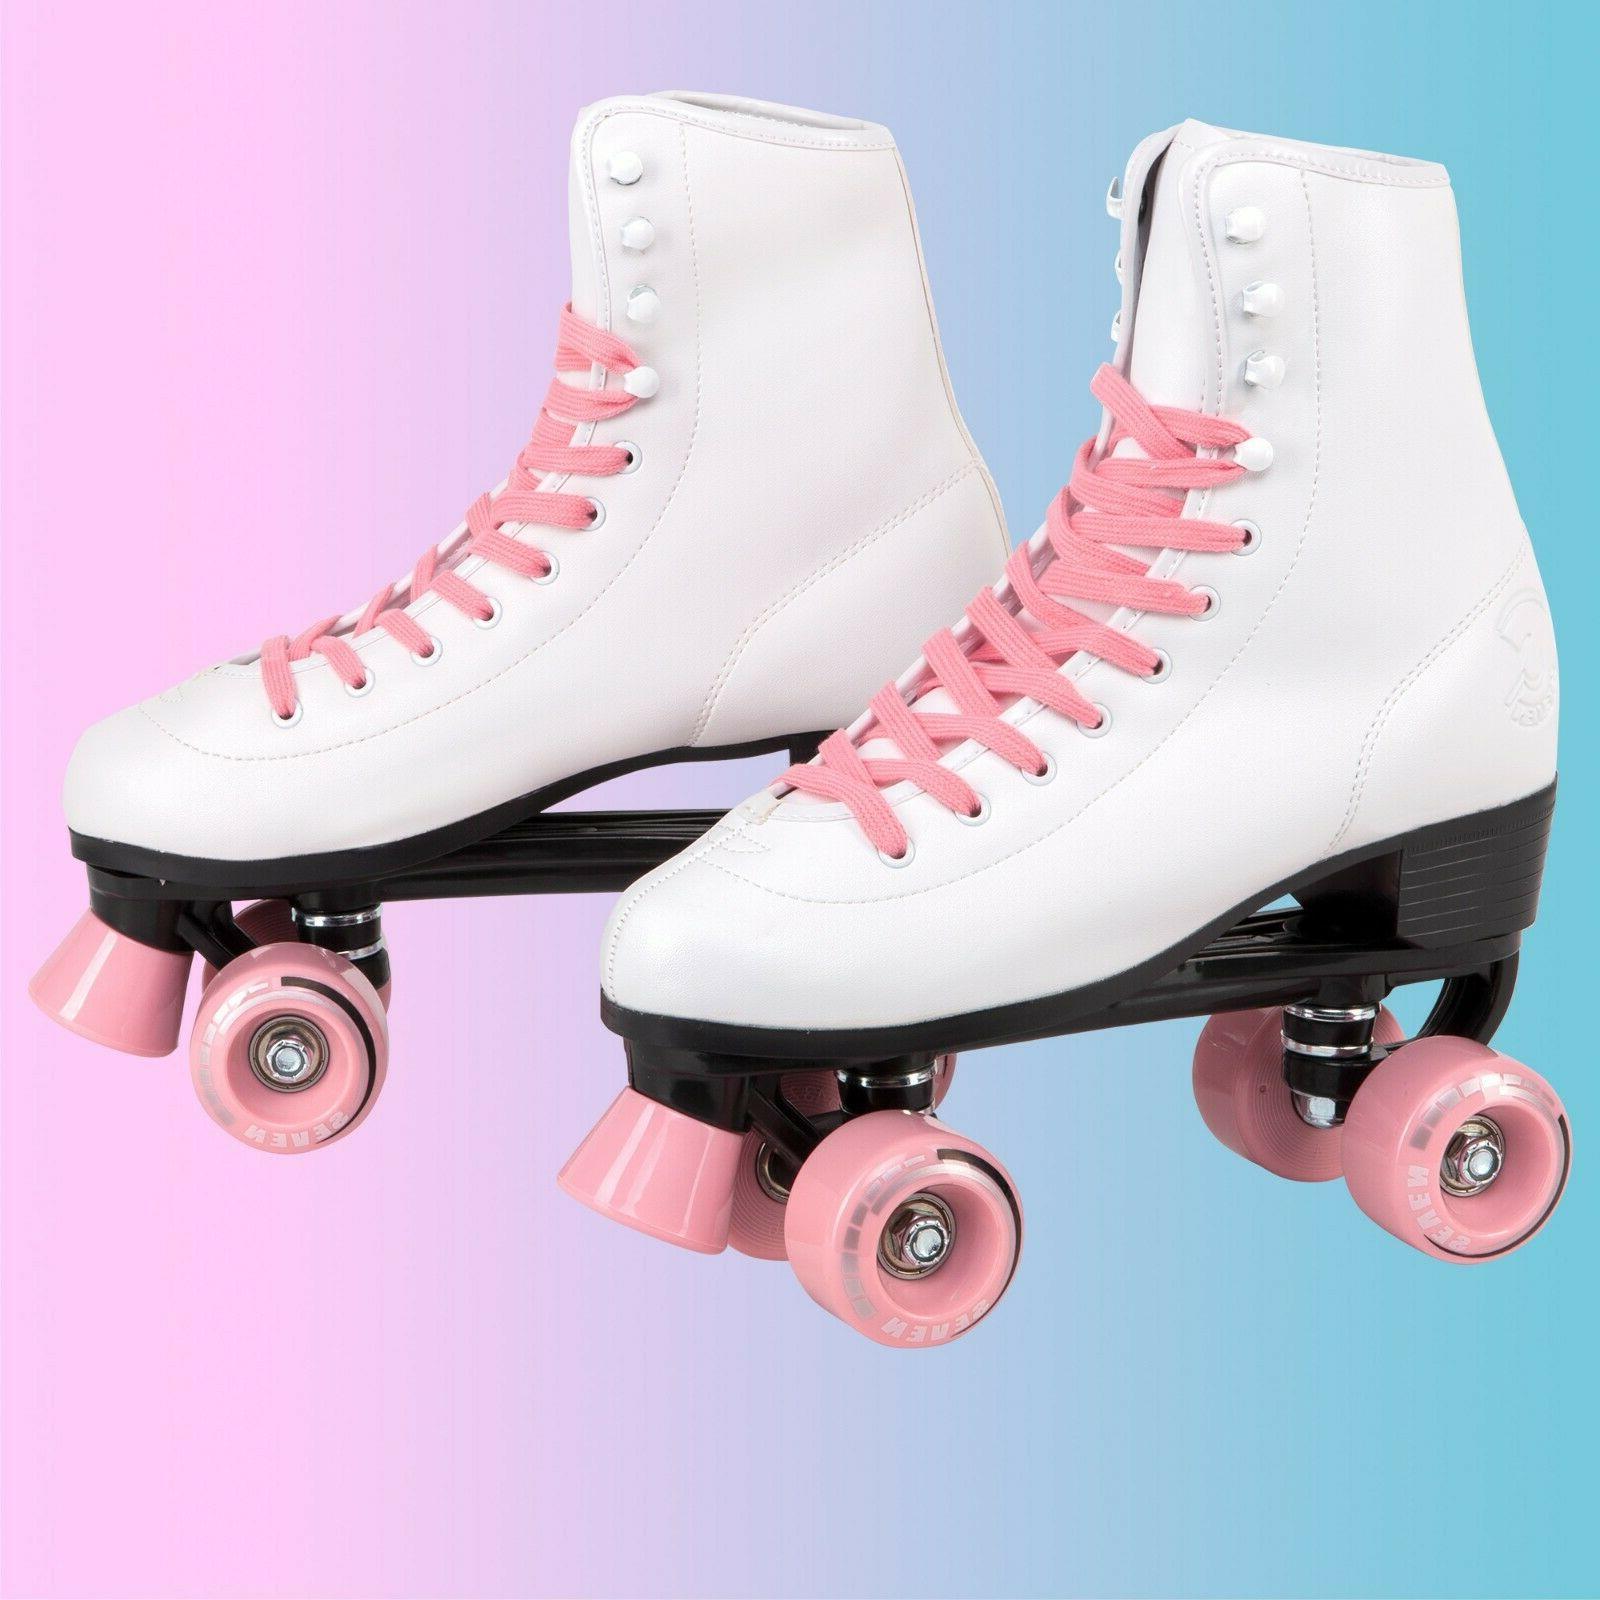 C7 Skates Retro Soft Leather Rink Speedy